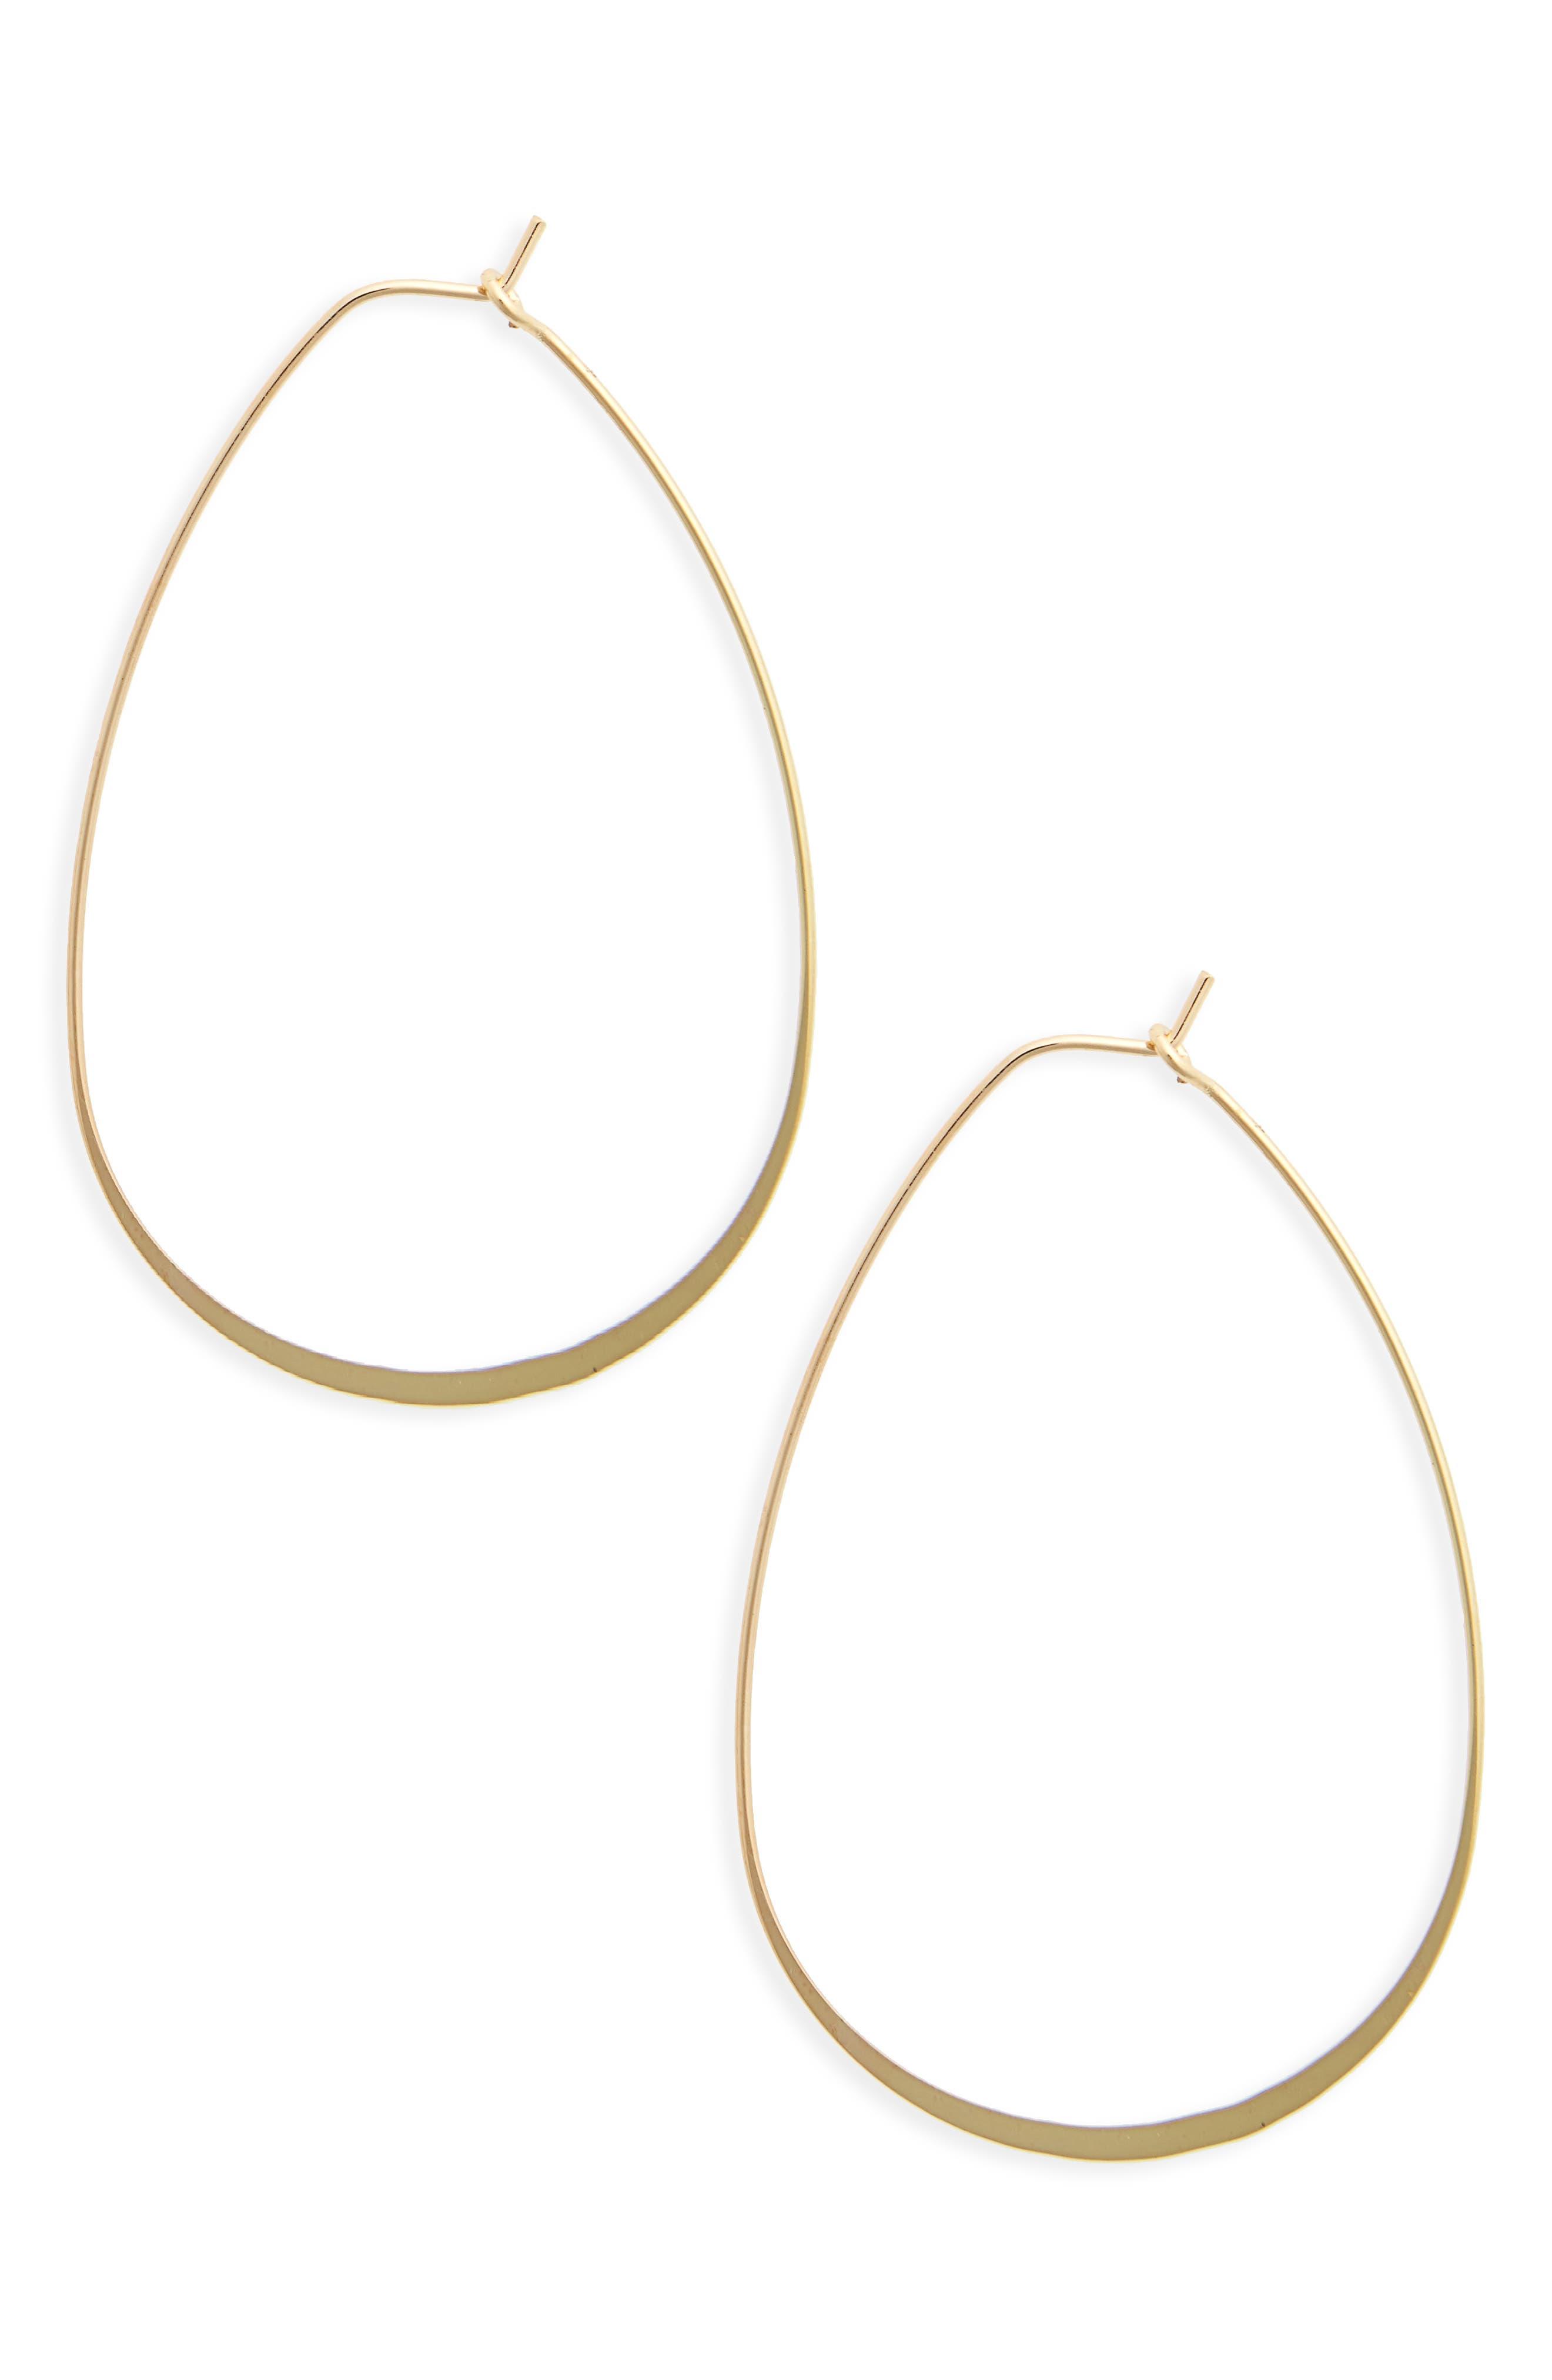 Main Image - BP. Flat Oval Hoop Earrings